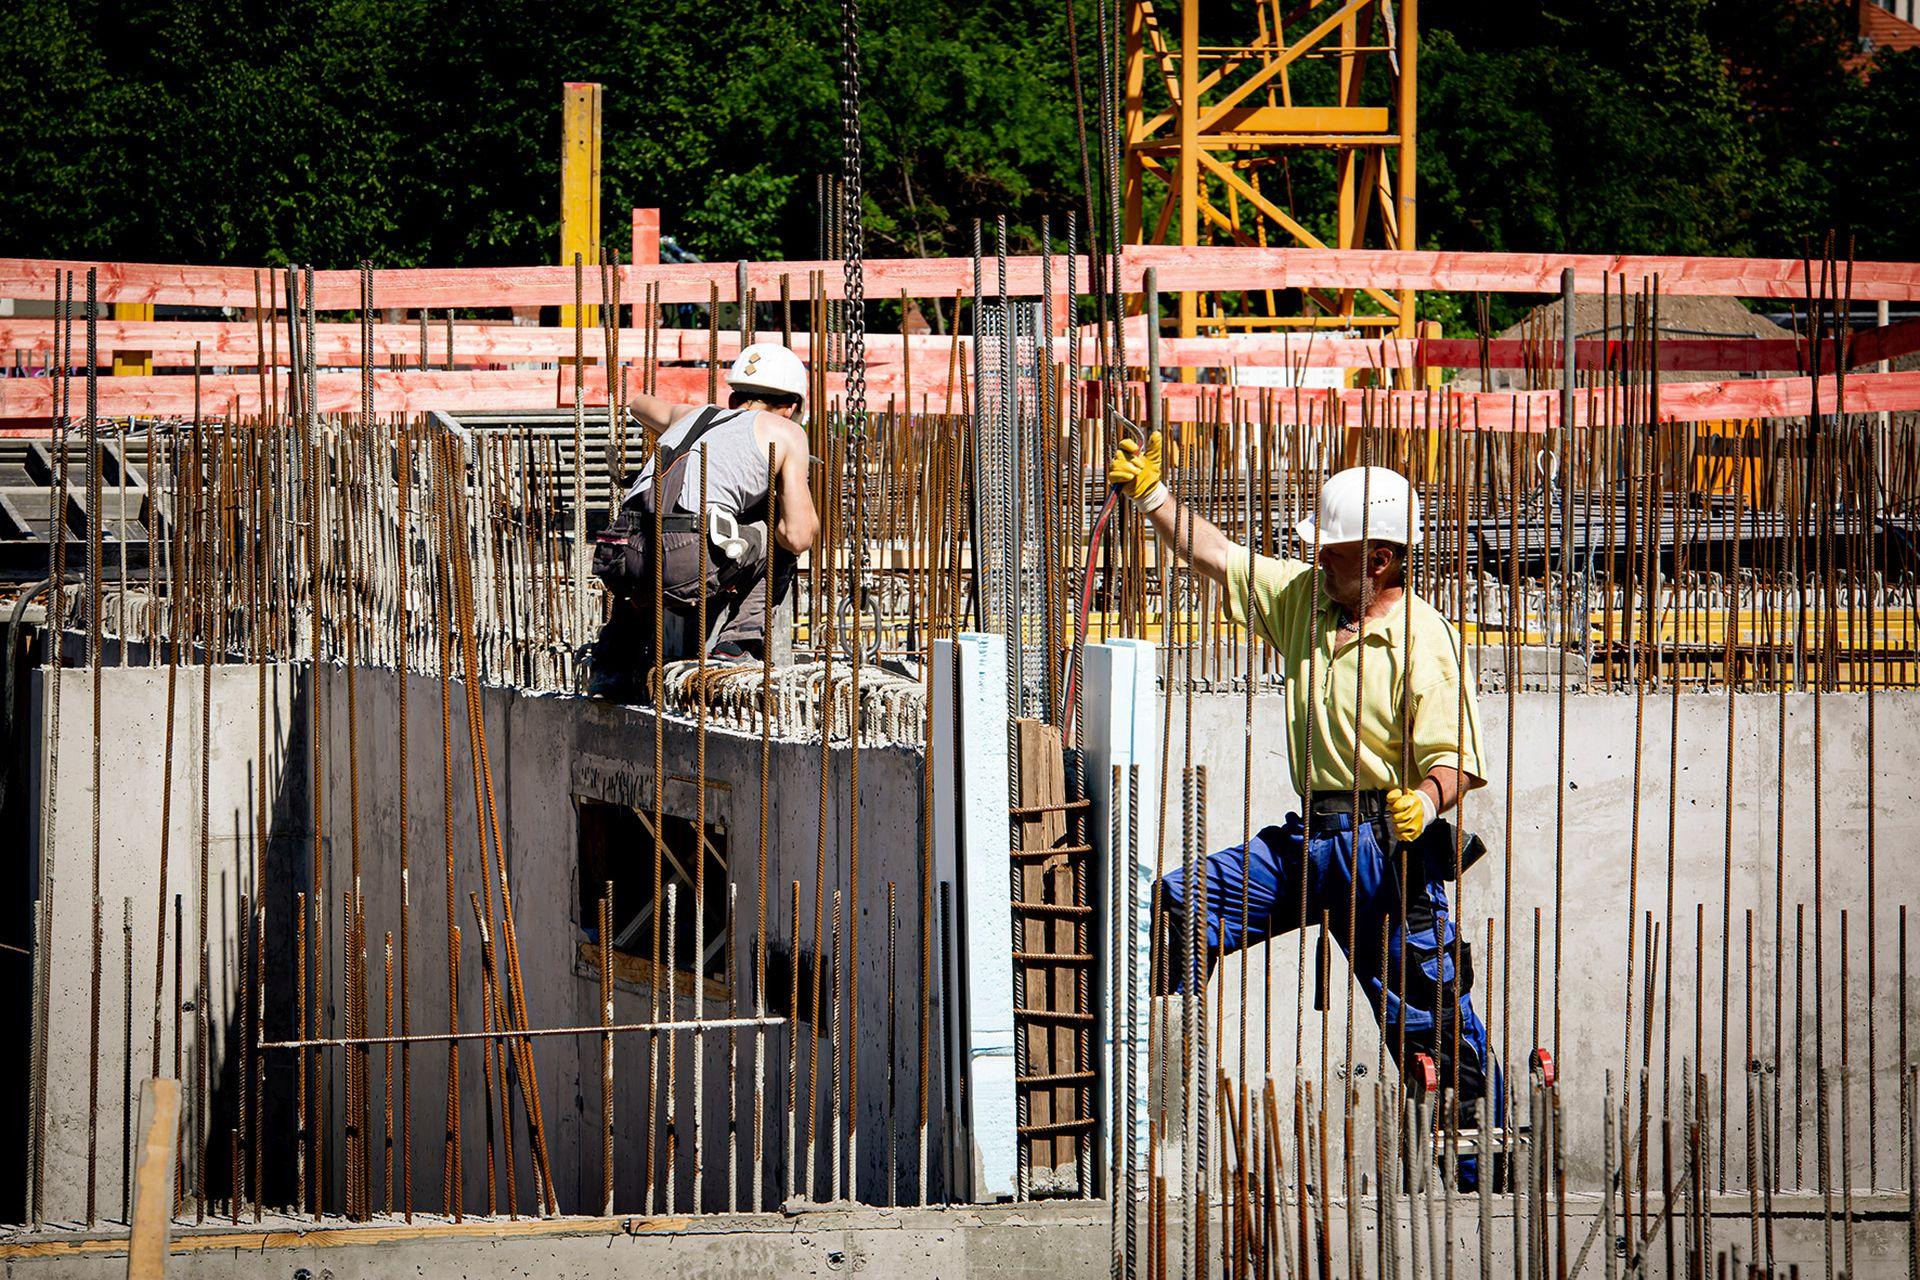 2.000Beschäftigte in der Baubranche | Mindestlohn zum April gestiegen